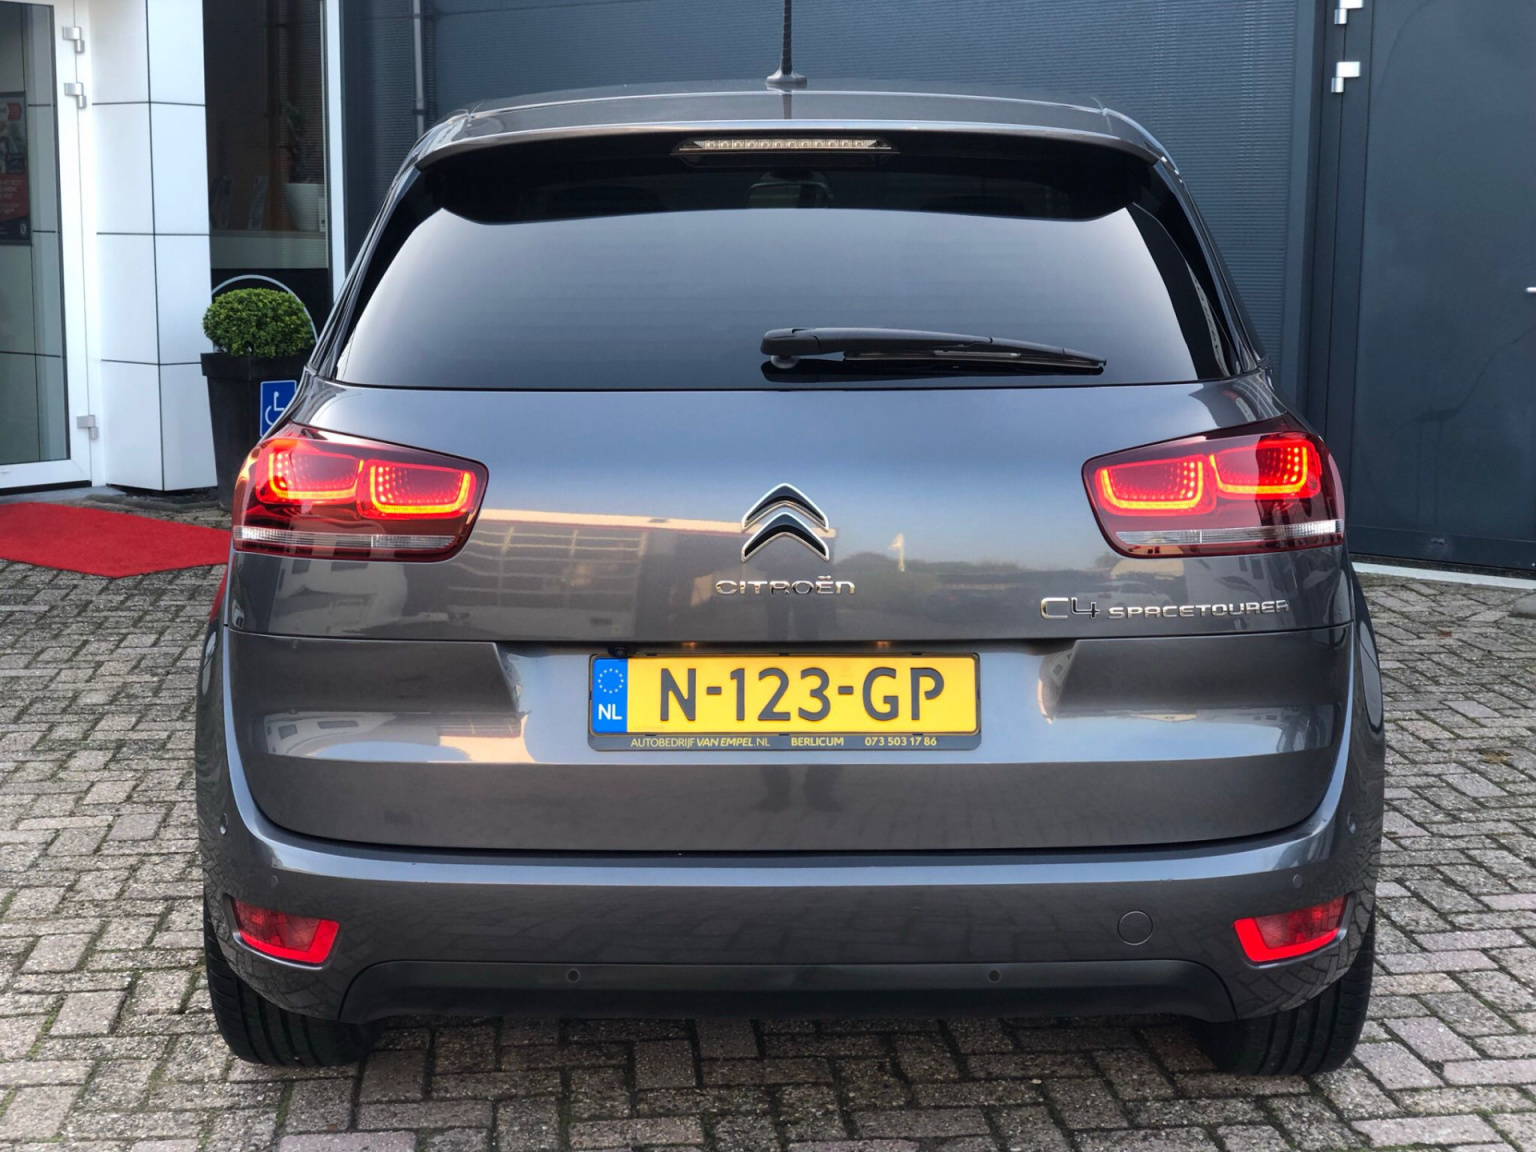 Citroën-C4 Spacetourer-4